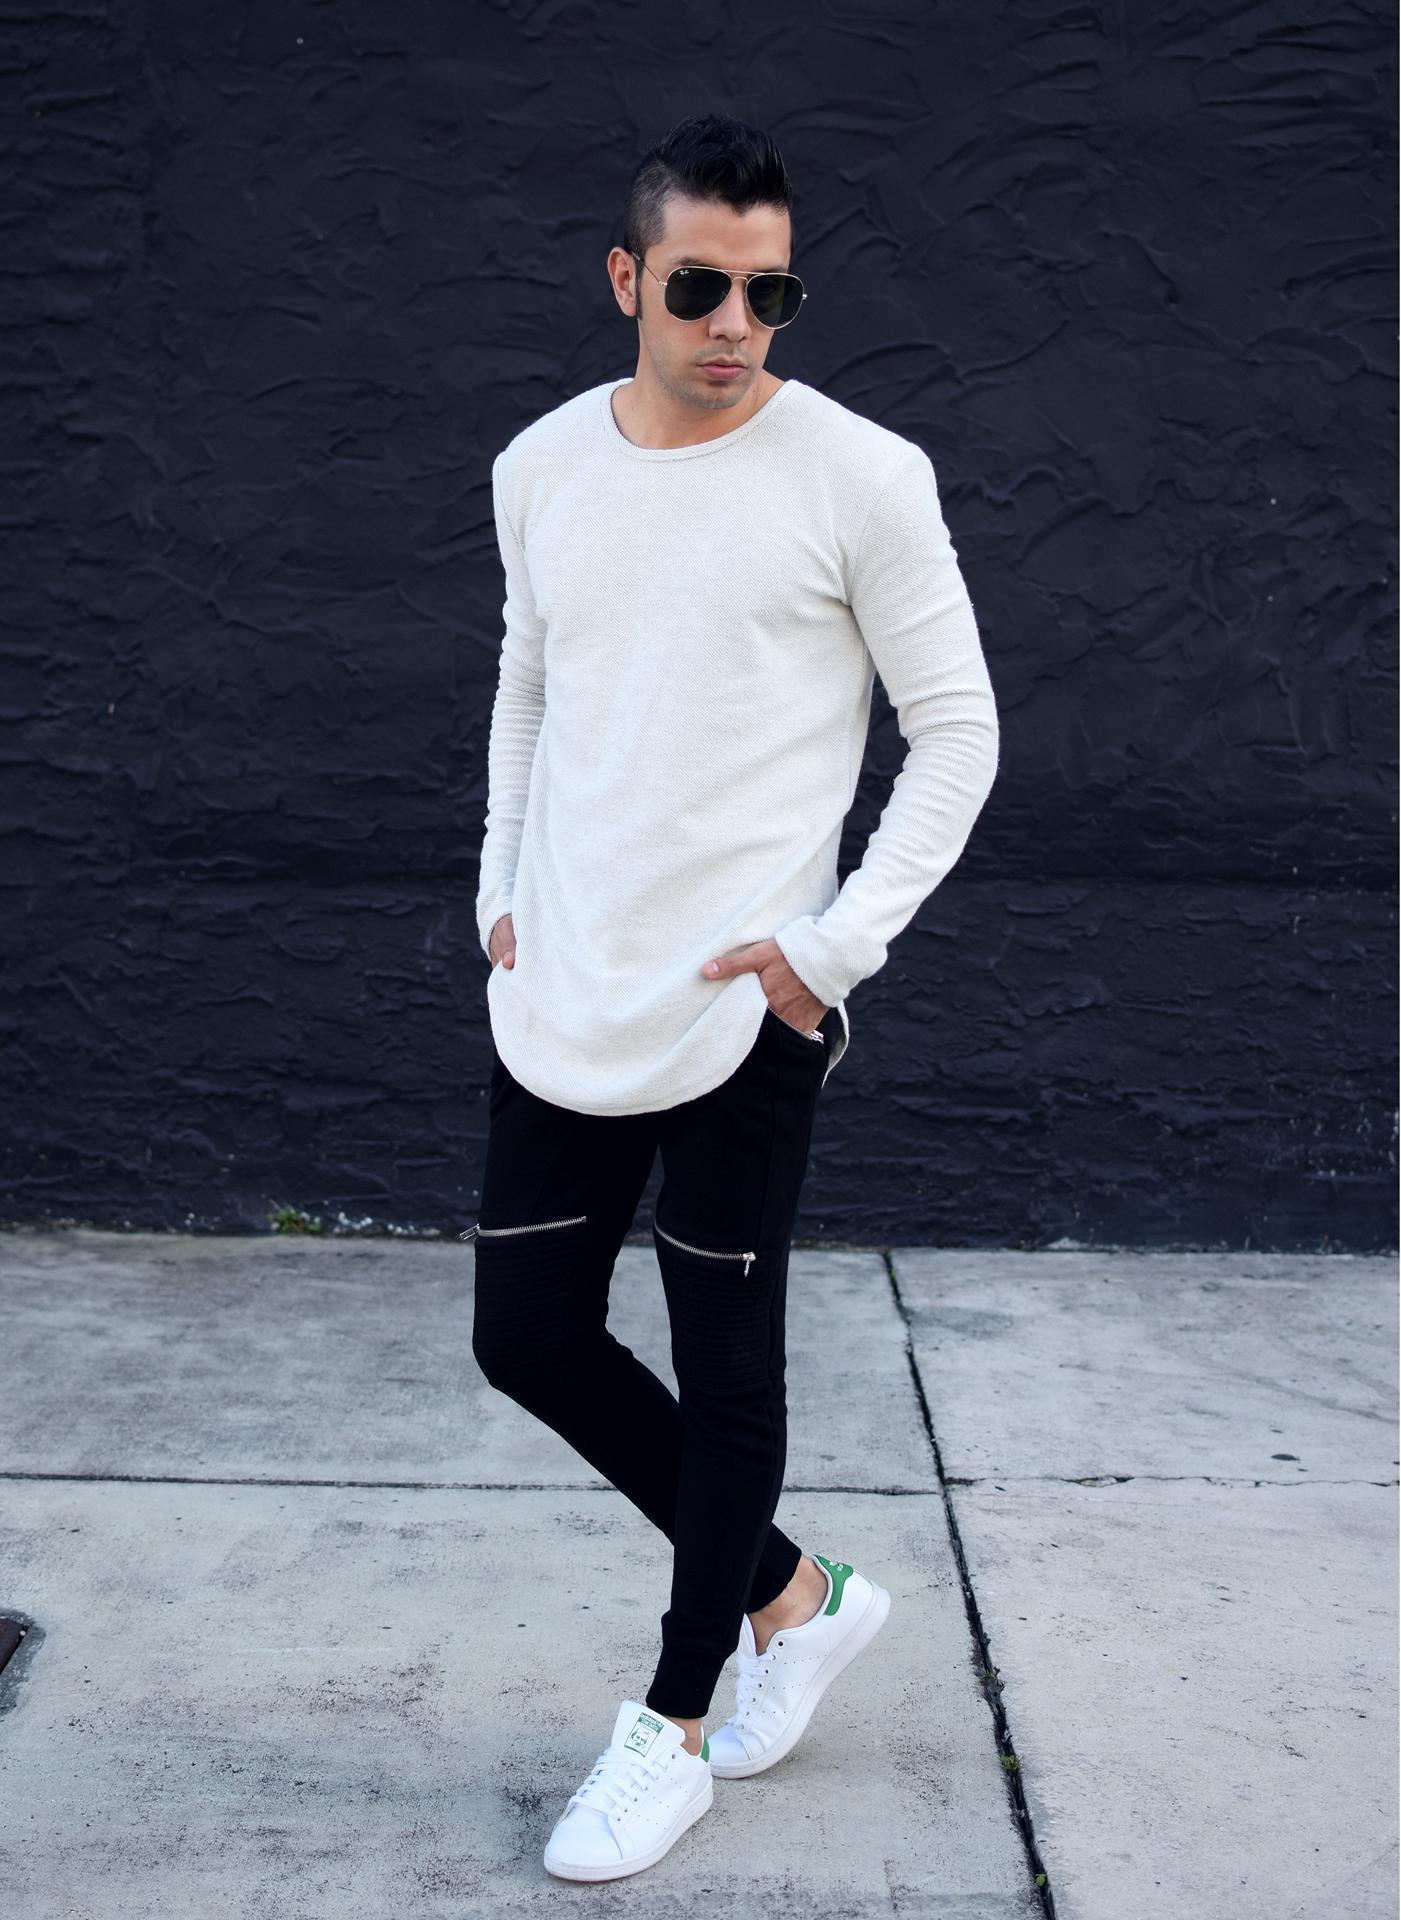 Black Sweatpants Outfit Men